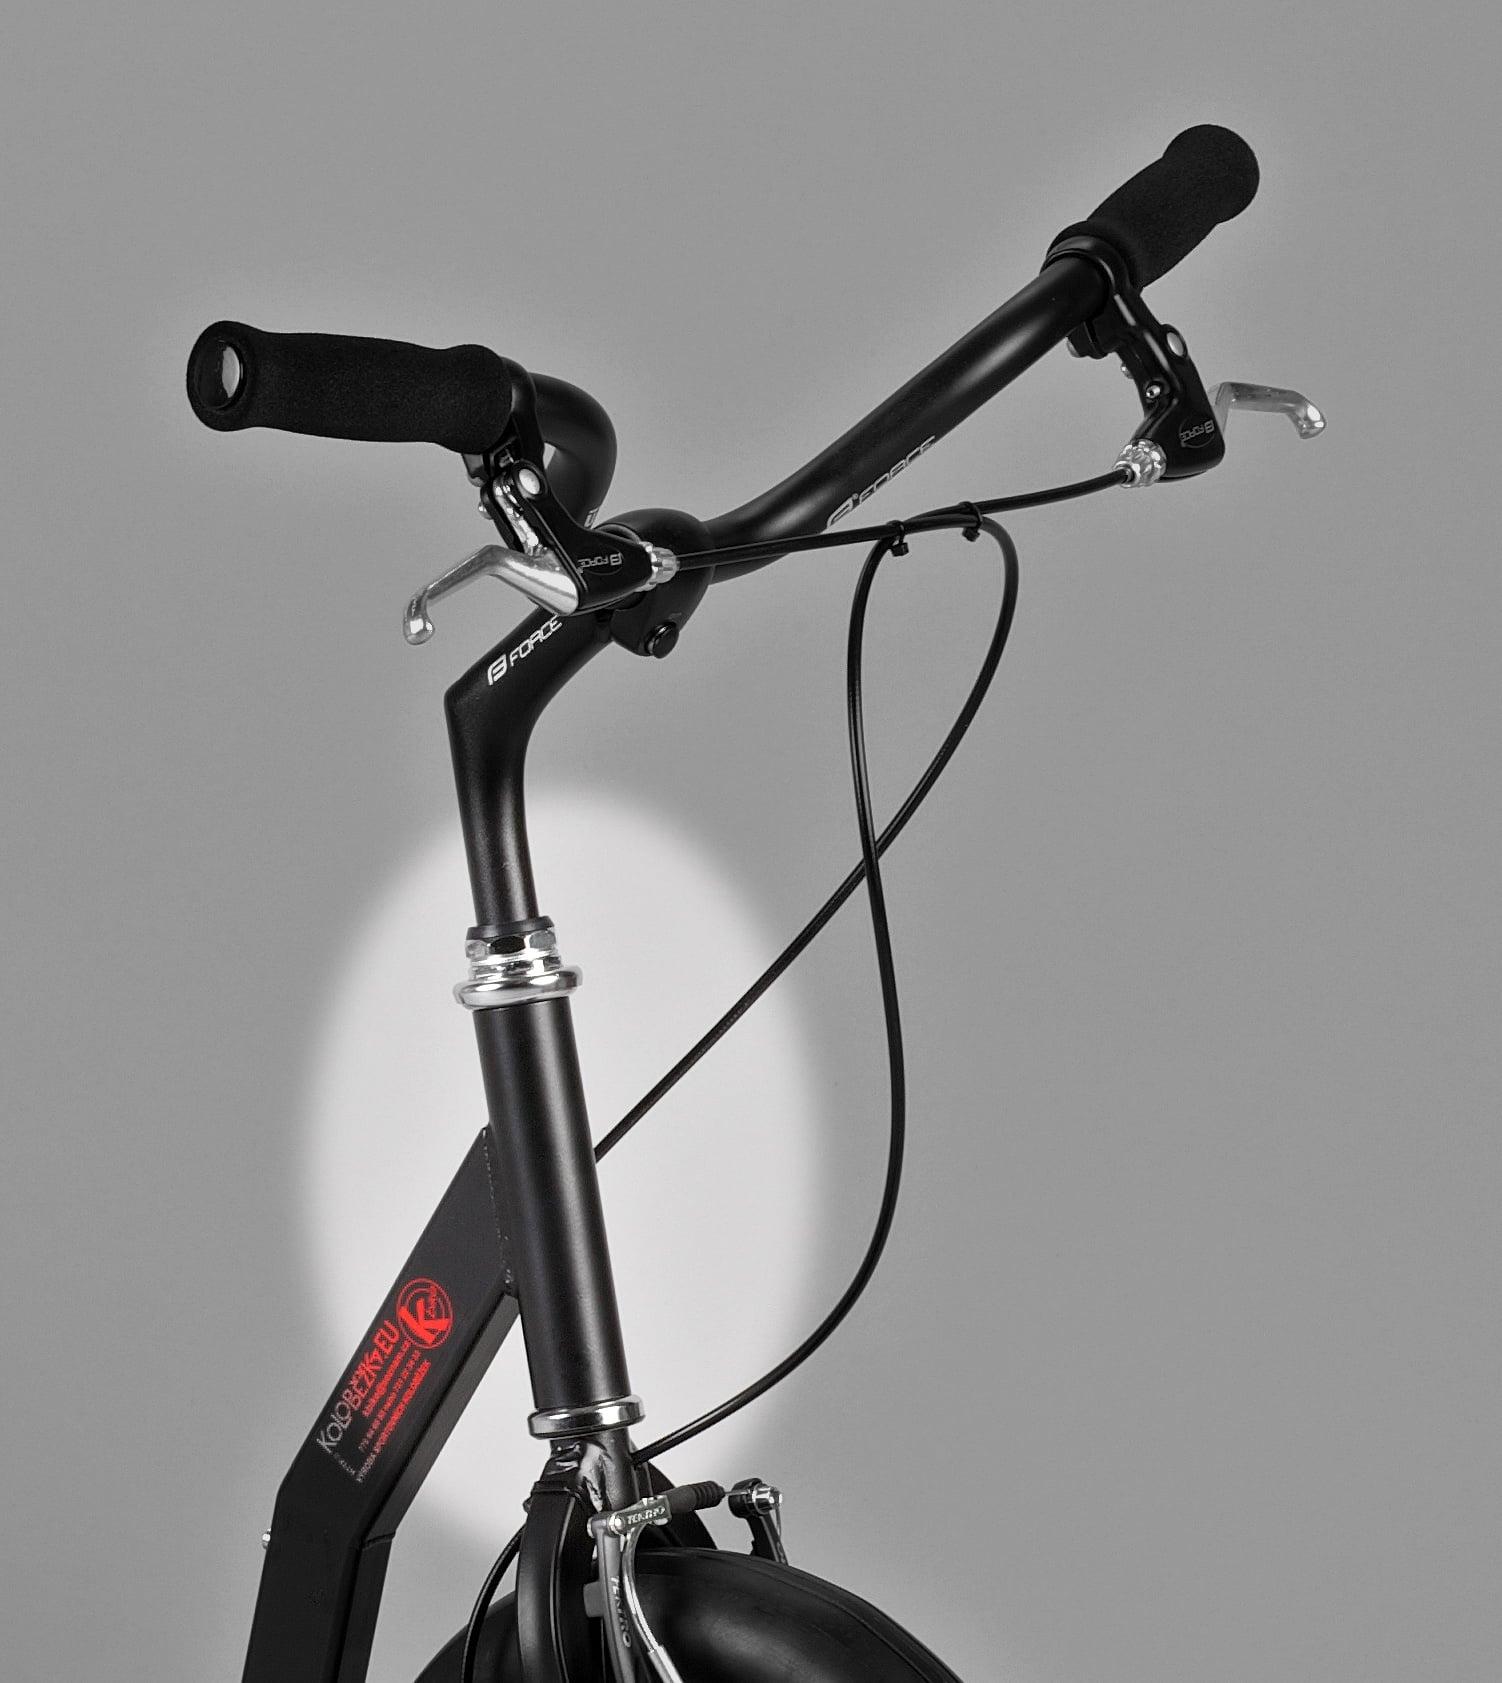 Závitové hlavové složení koloběžky K-bike K5